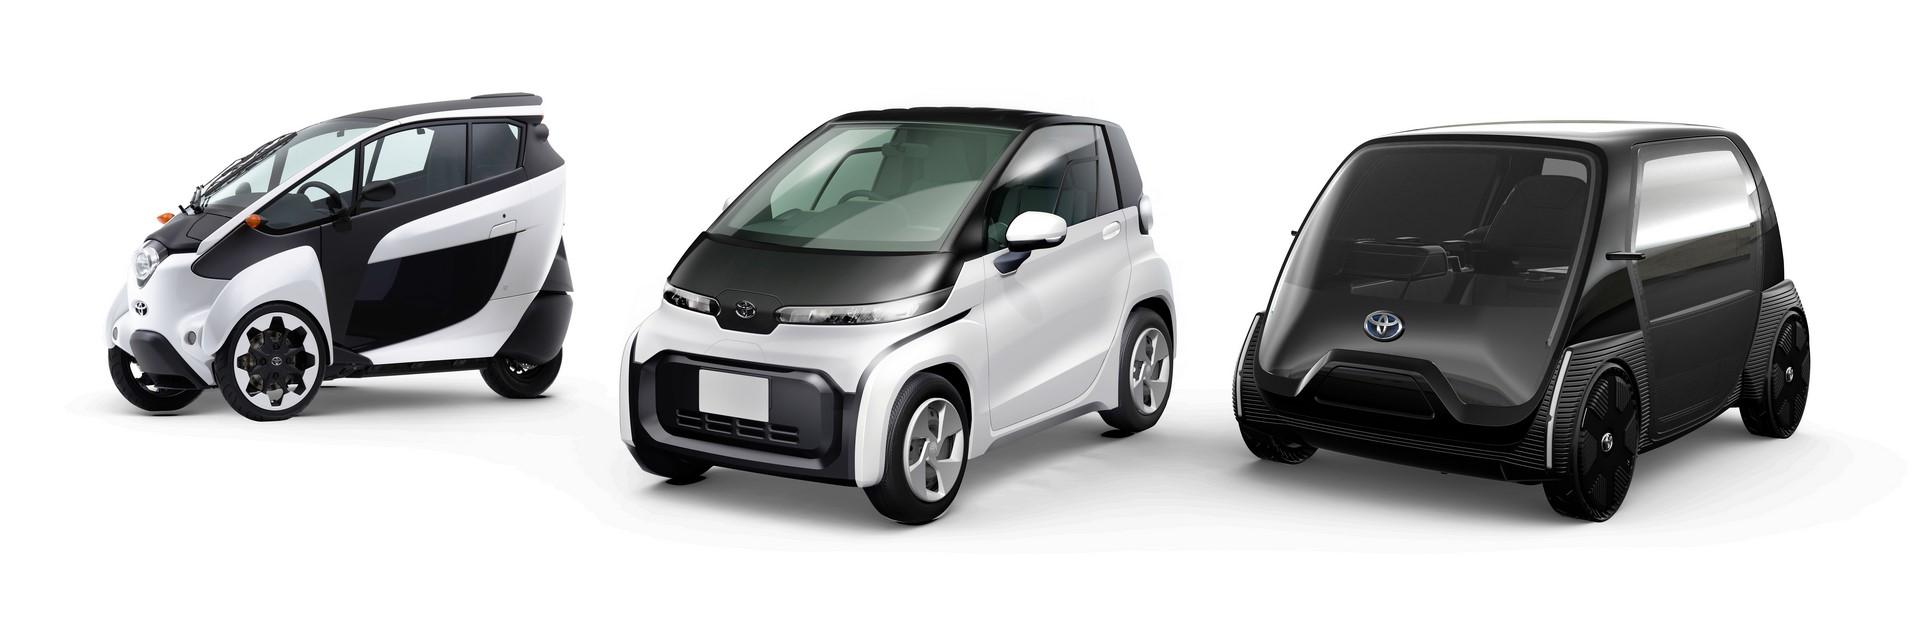 Toyota-EV-plan-46